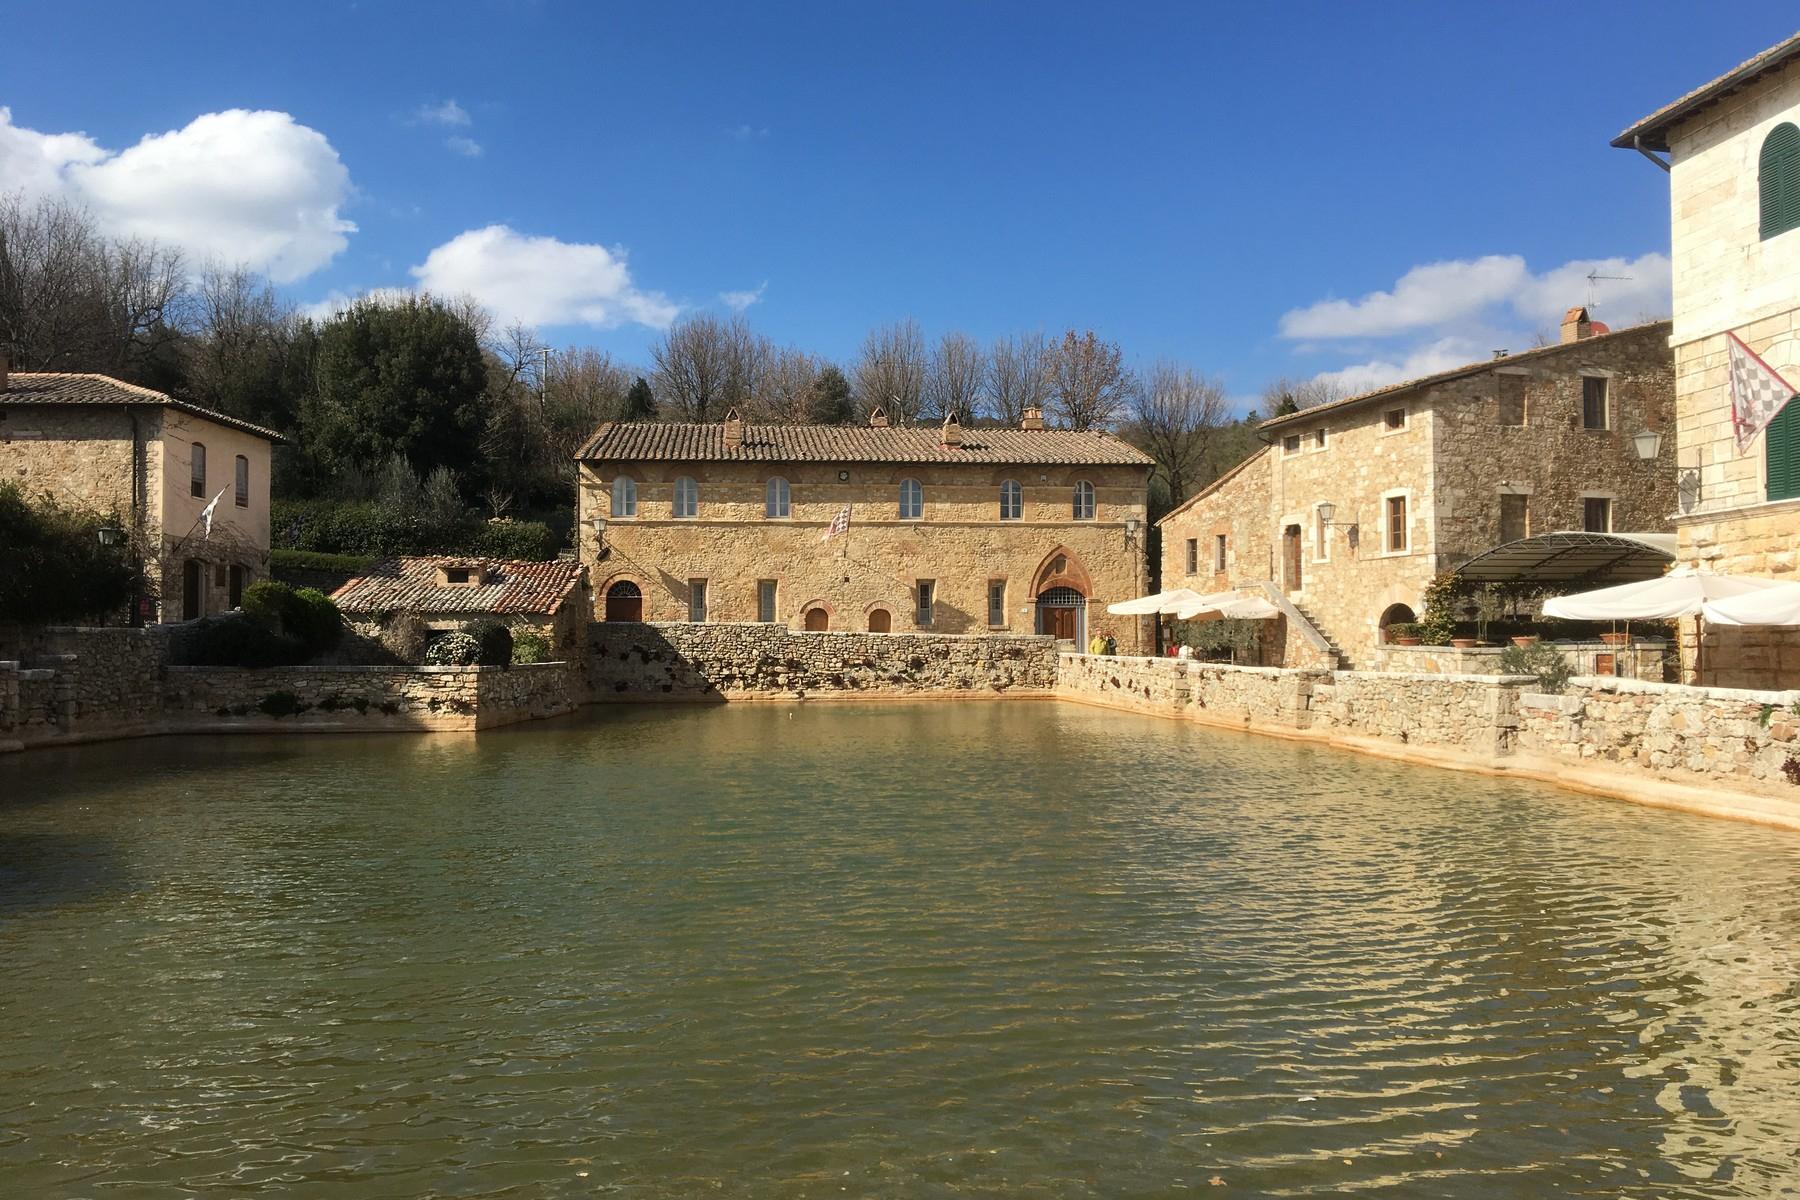 来自16世纪锡耶纳乡村优雅而古典的农舍 - 26